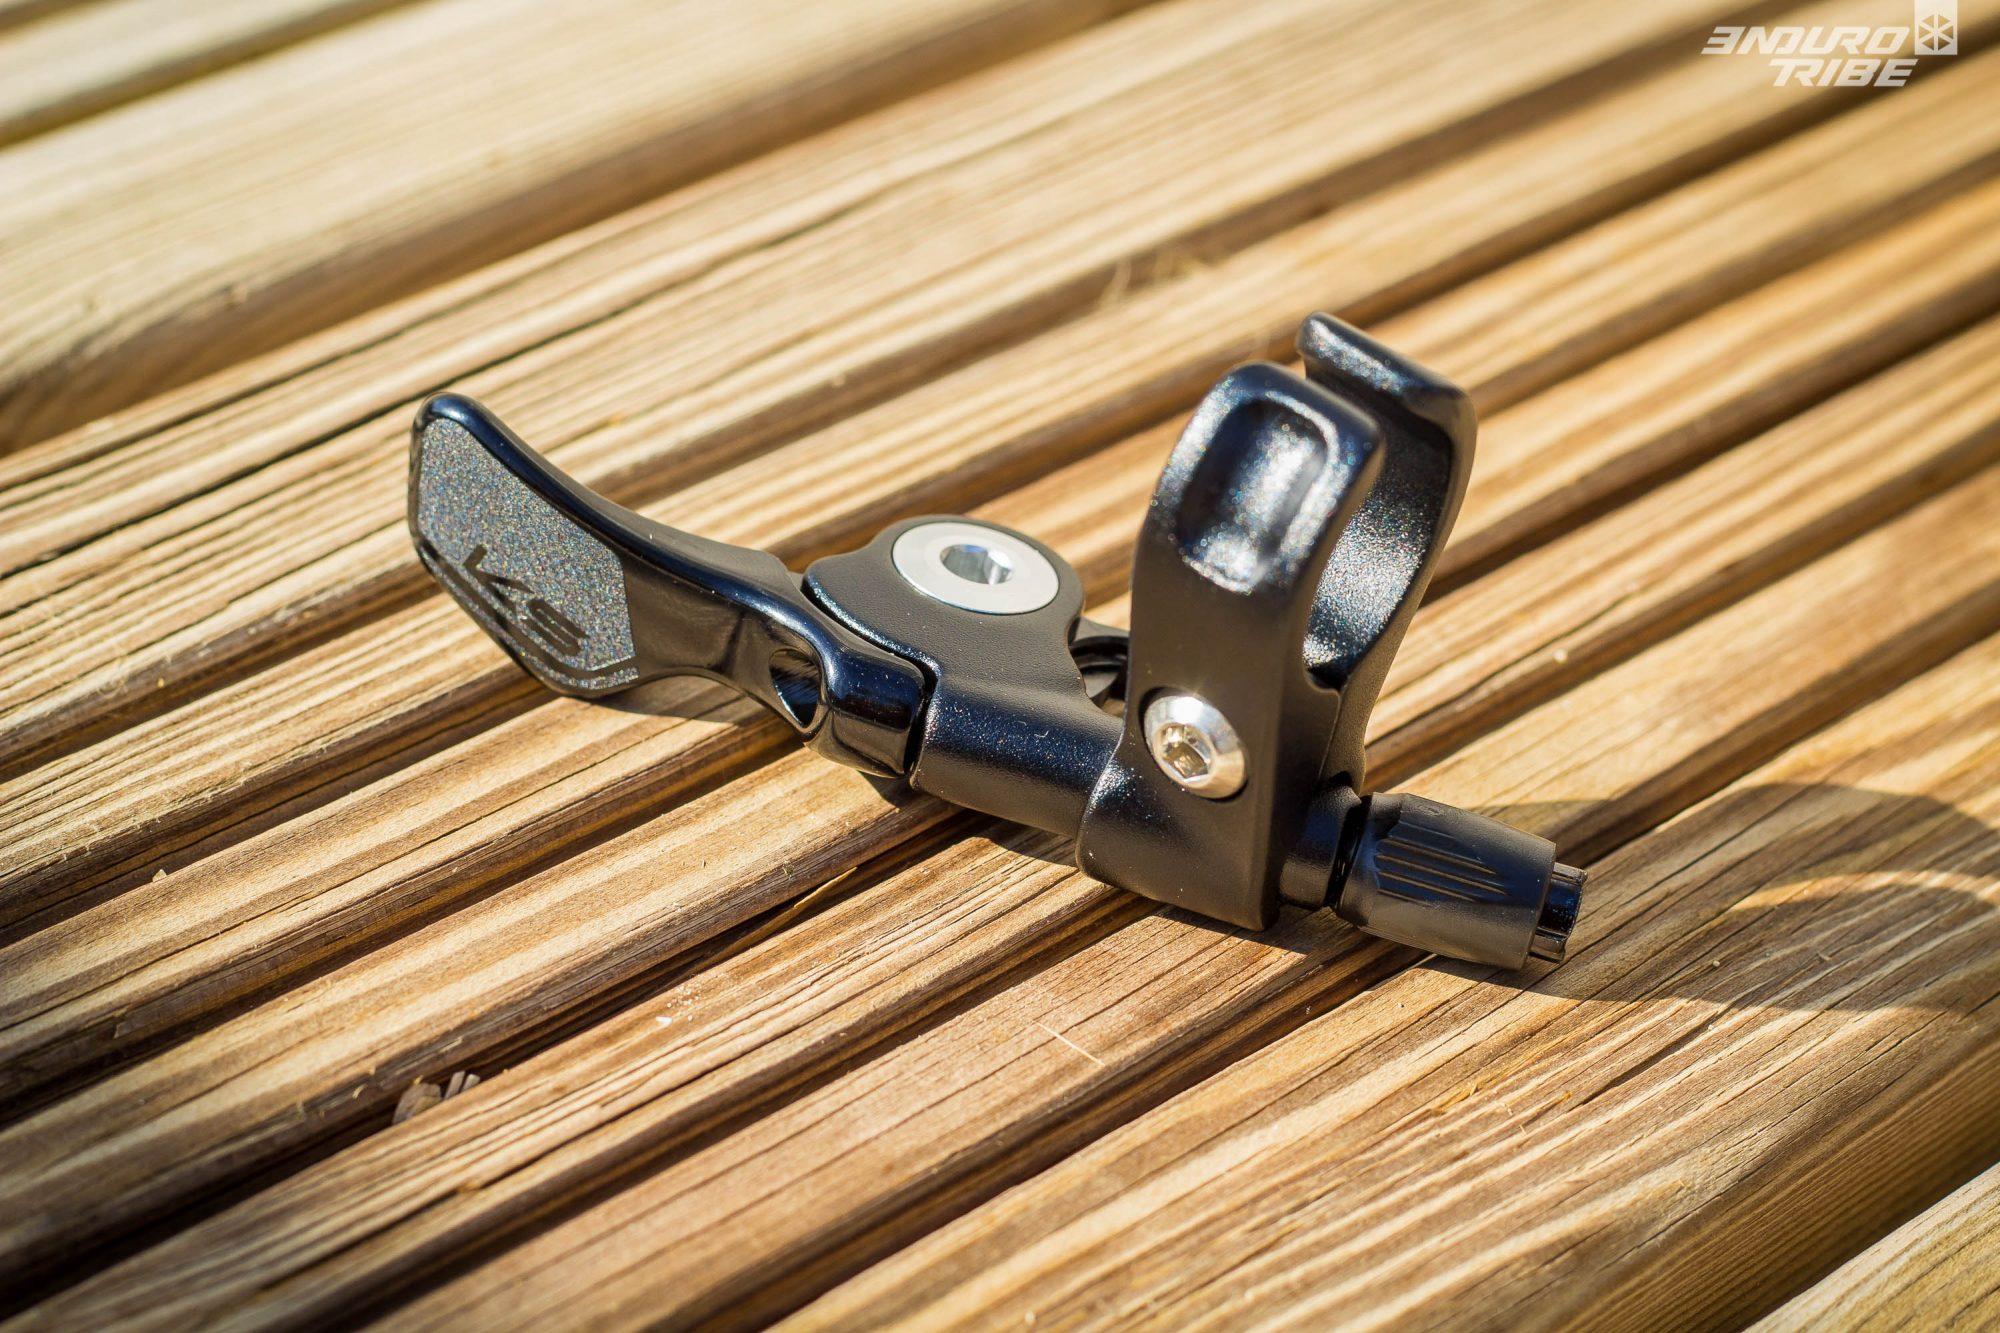 Parmi les différents leviers de la gamme, la KS Lev Ci fait usage du modèle Southpaw, destiné à prendre la place du shifter. La KS Lev Ci V2 se pare quant à elle du levier minimaliste KGSL Carbon.